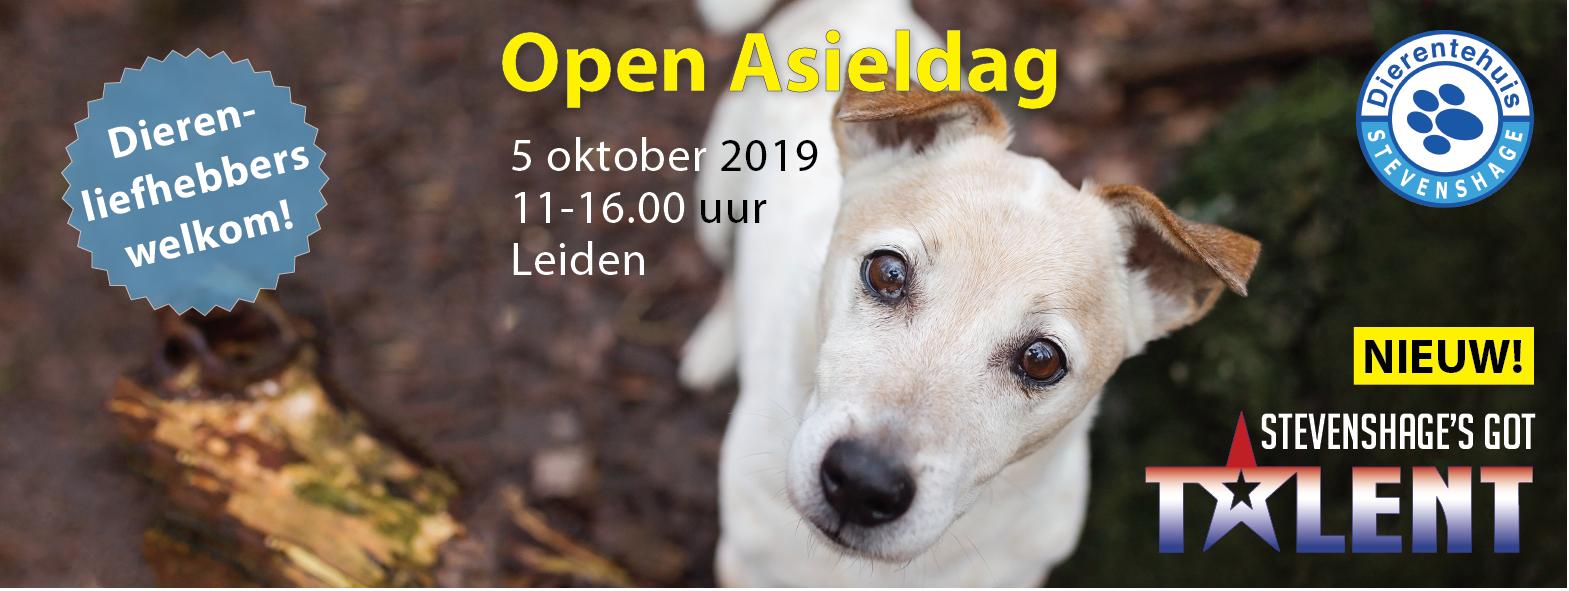 Open Asieldag 2019